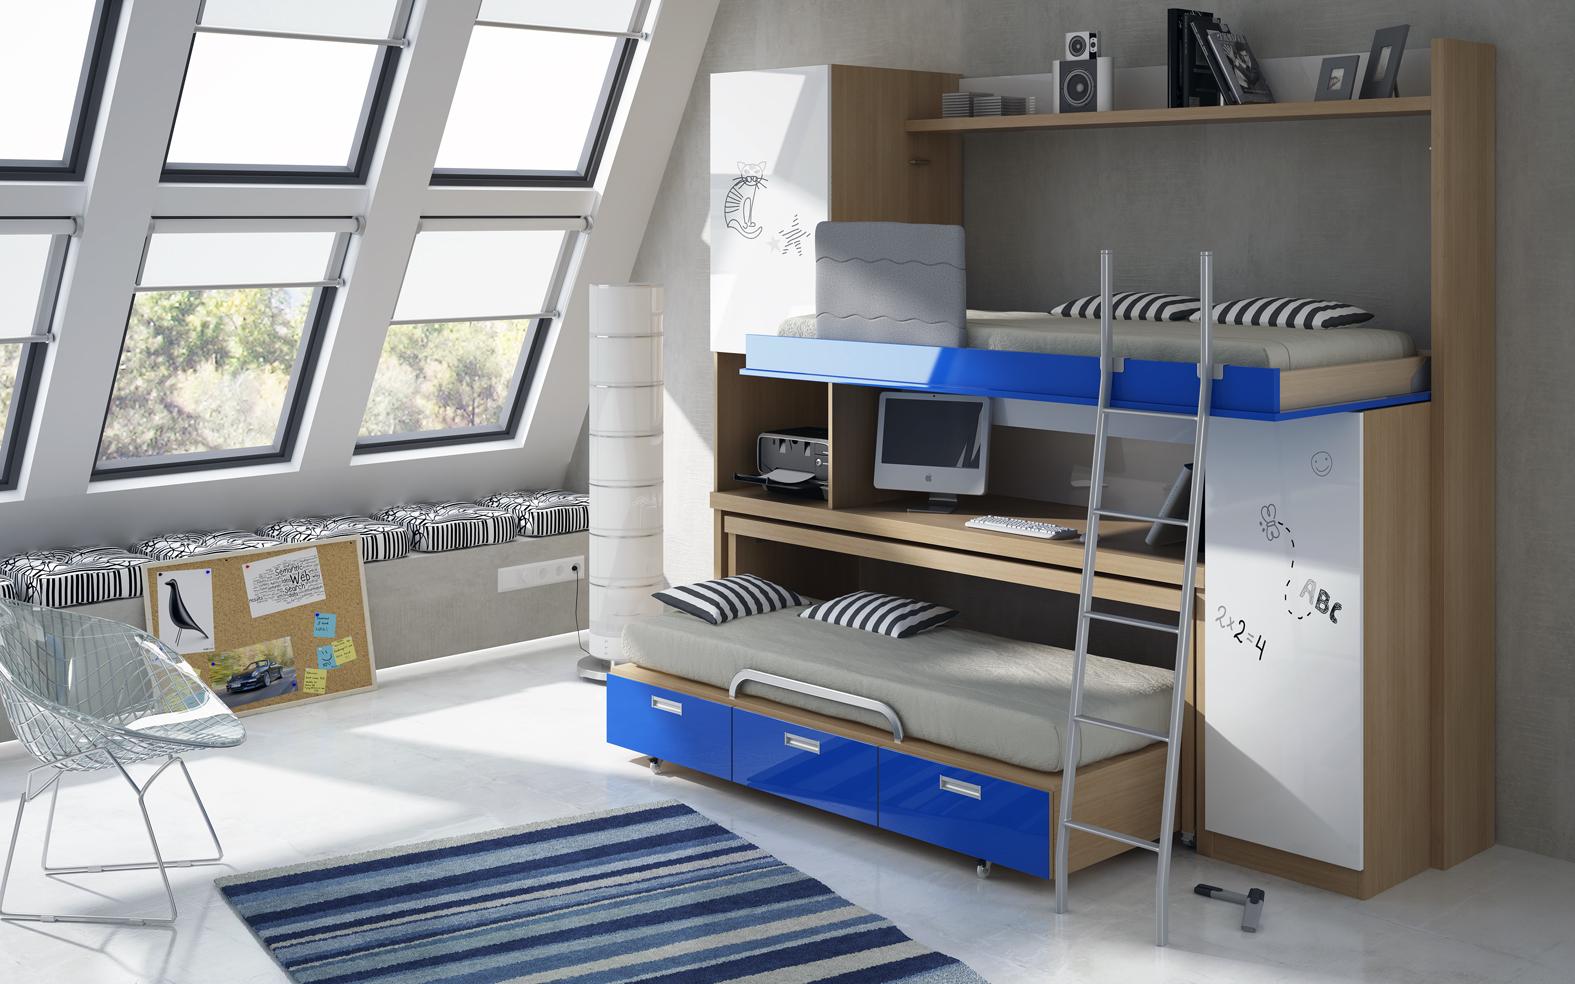 Muebles juveniles dormitorios infantiles y habitaciones - Camas nido abatibles ...